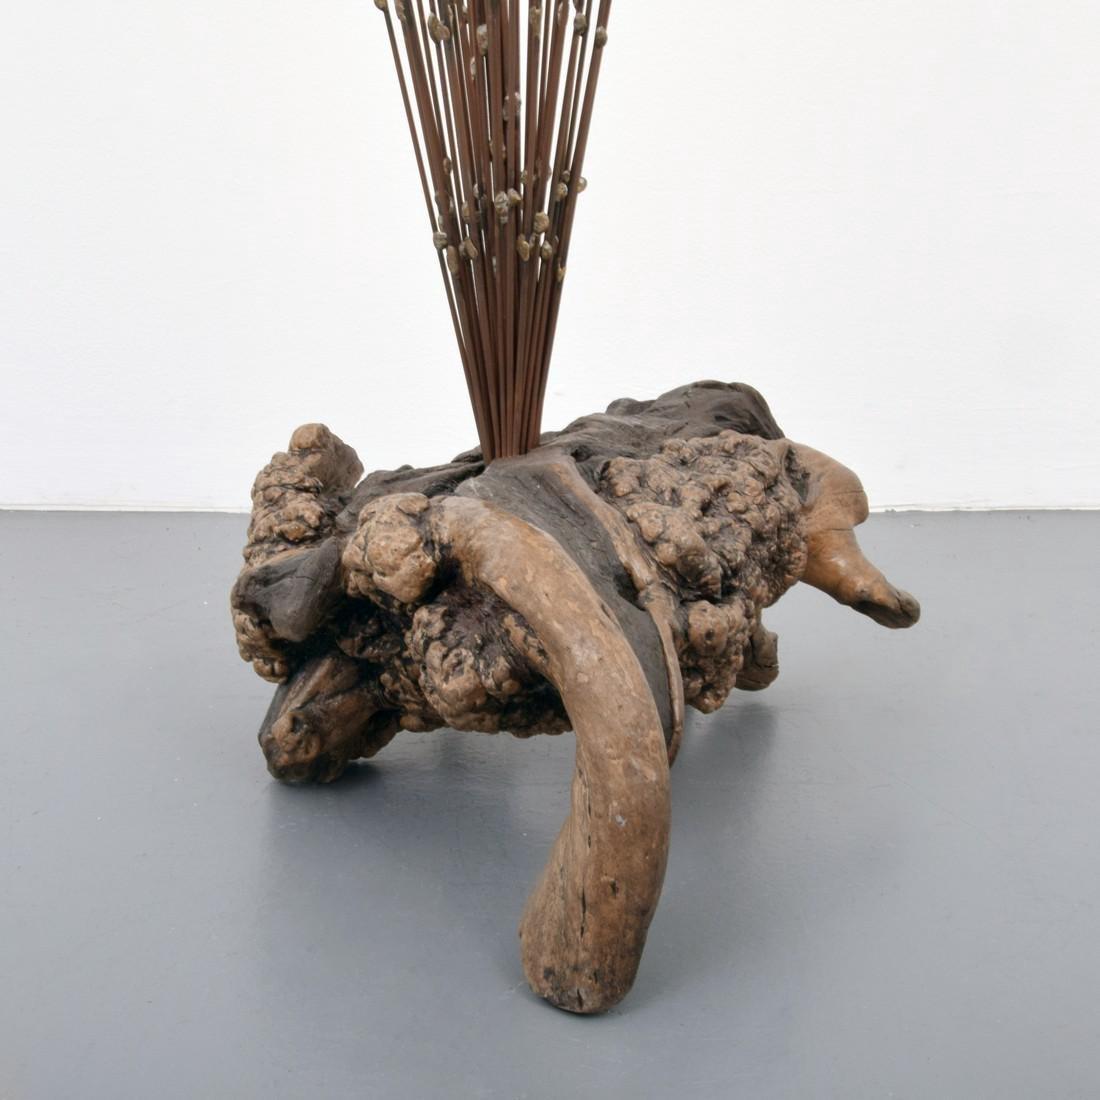 Massive Metal Sculpture, Manner of Curtis Jere - 7